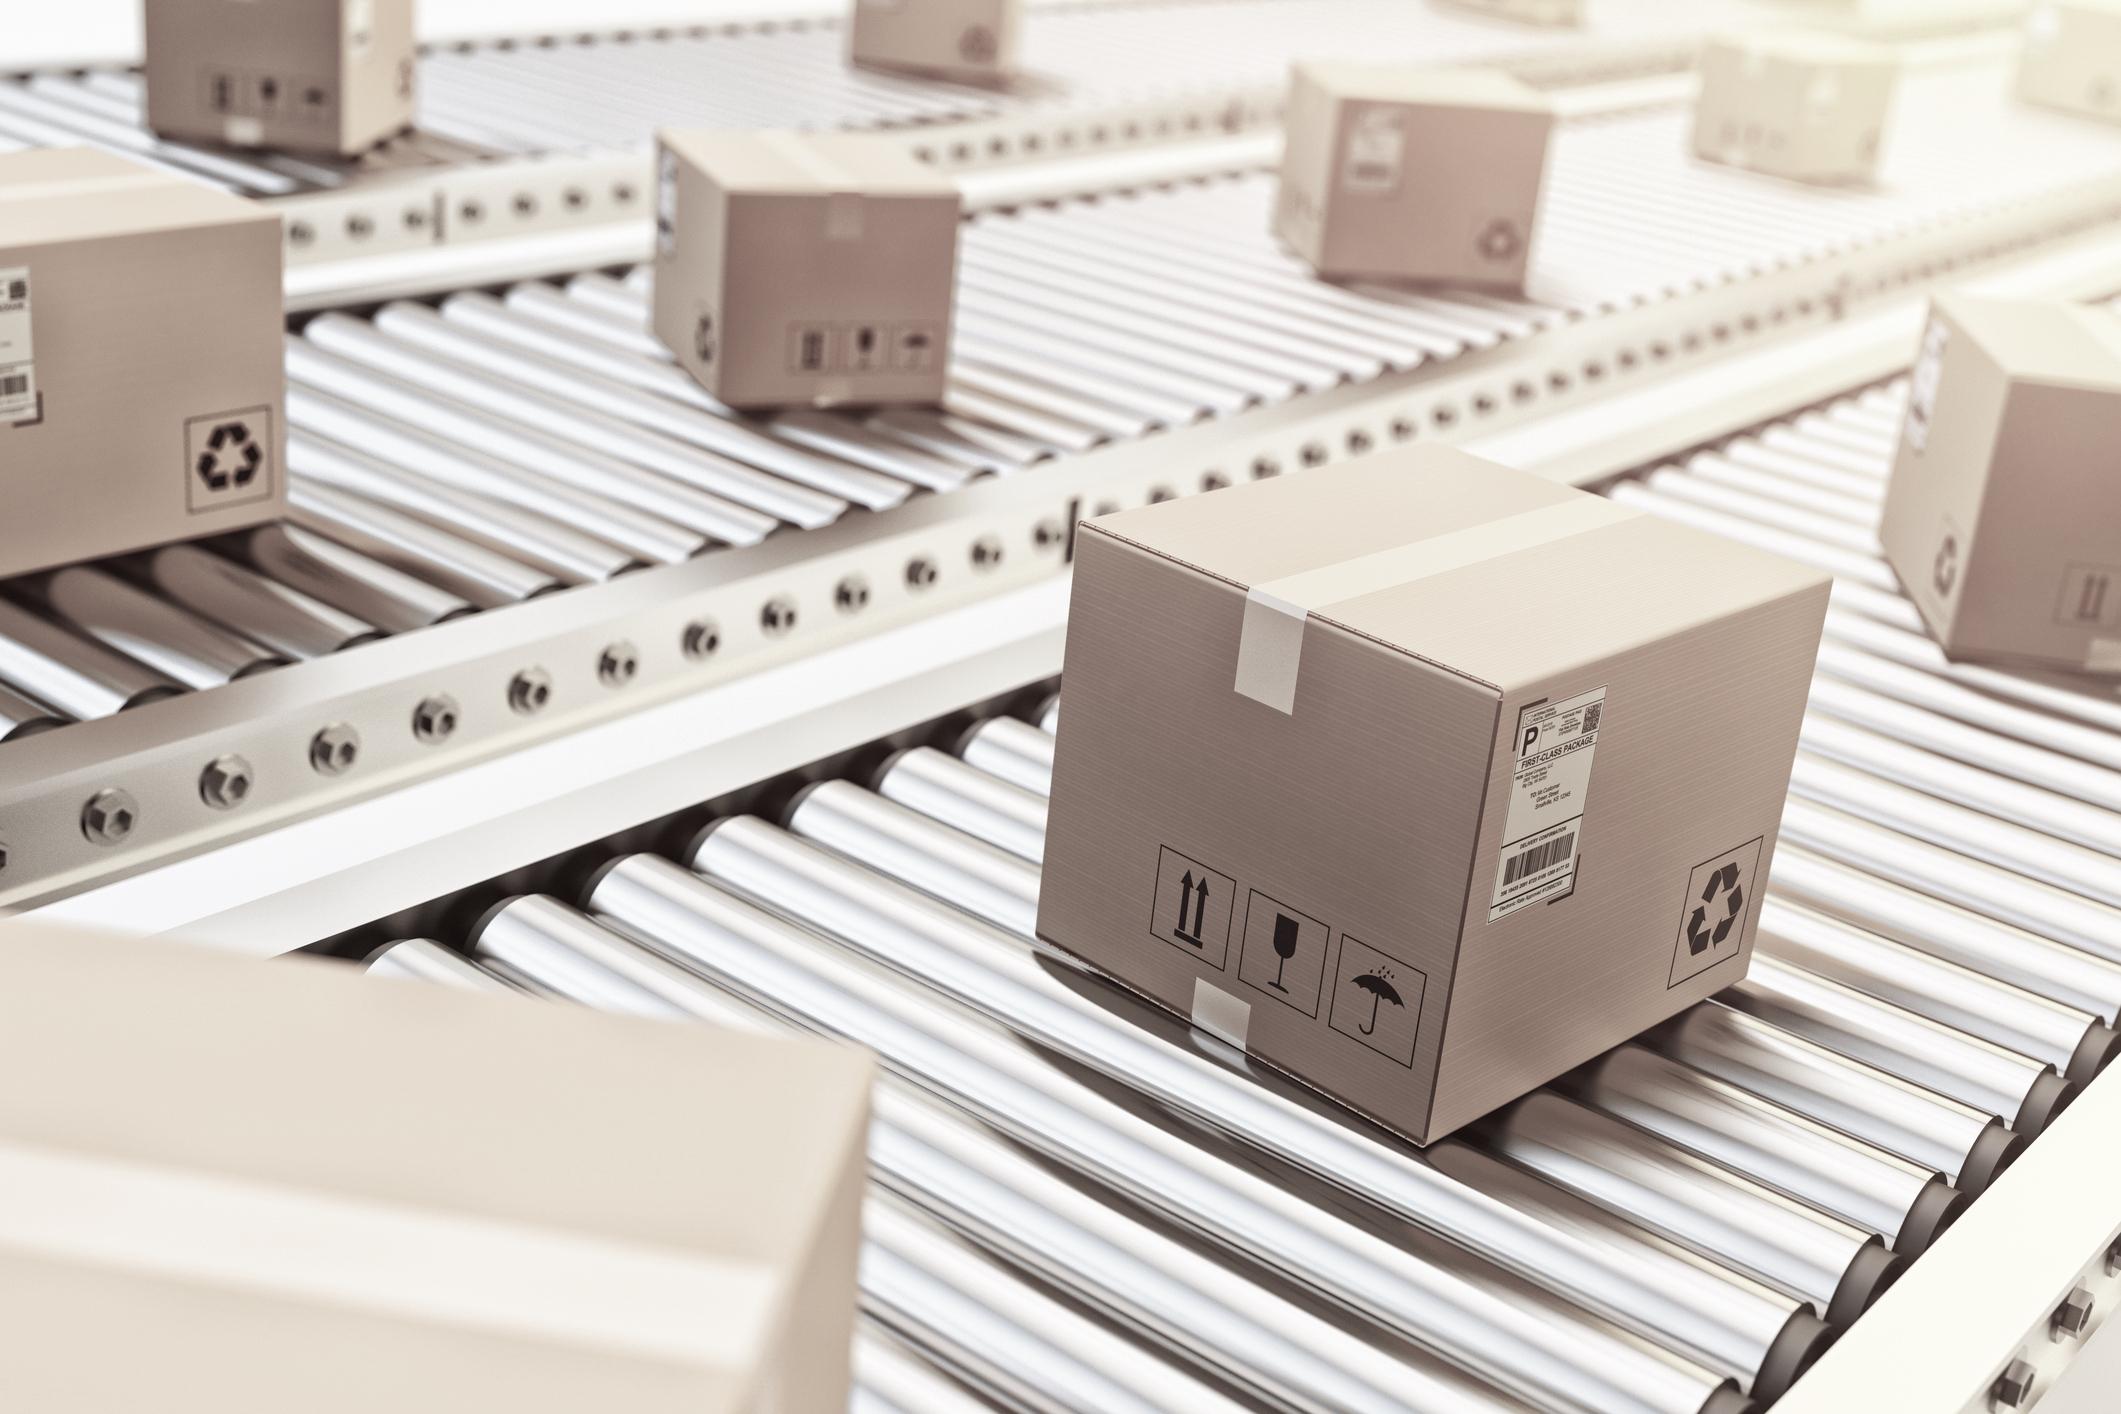 goods, grey market, package, conveyor belt, delivery, amazon